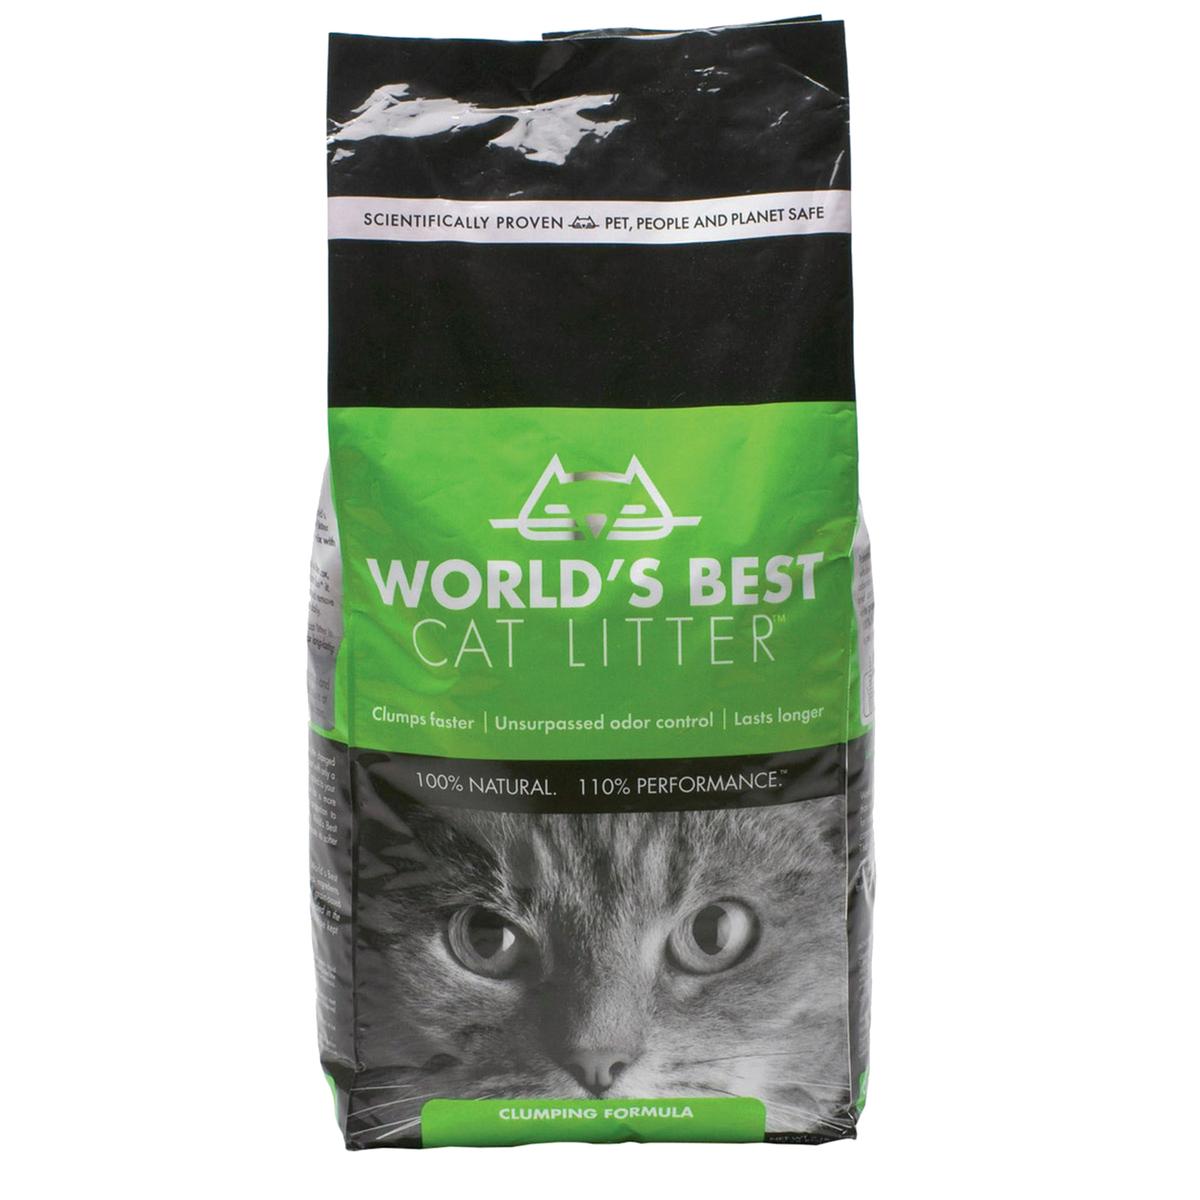 (エムピーエム·プロダクツ) MPM Products 猫ちゃん用 Worlds Best キャットリッター 猫砂 猫用トイレ ペット用品 【楽天海外直送】